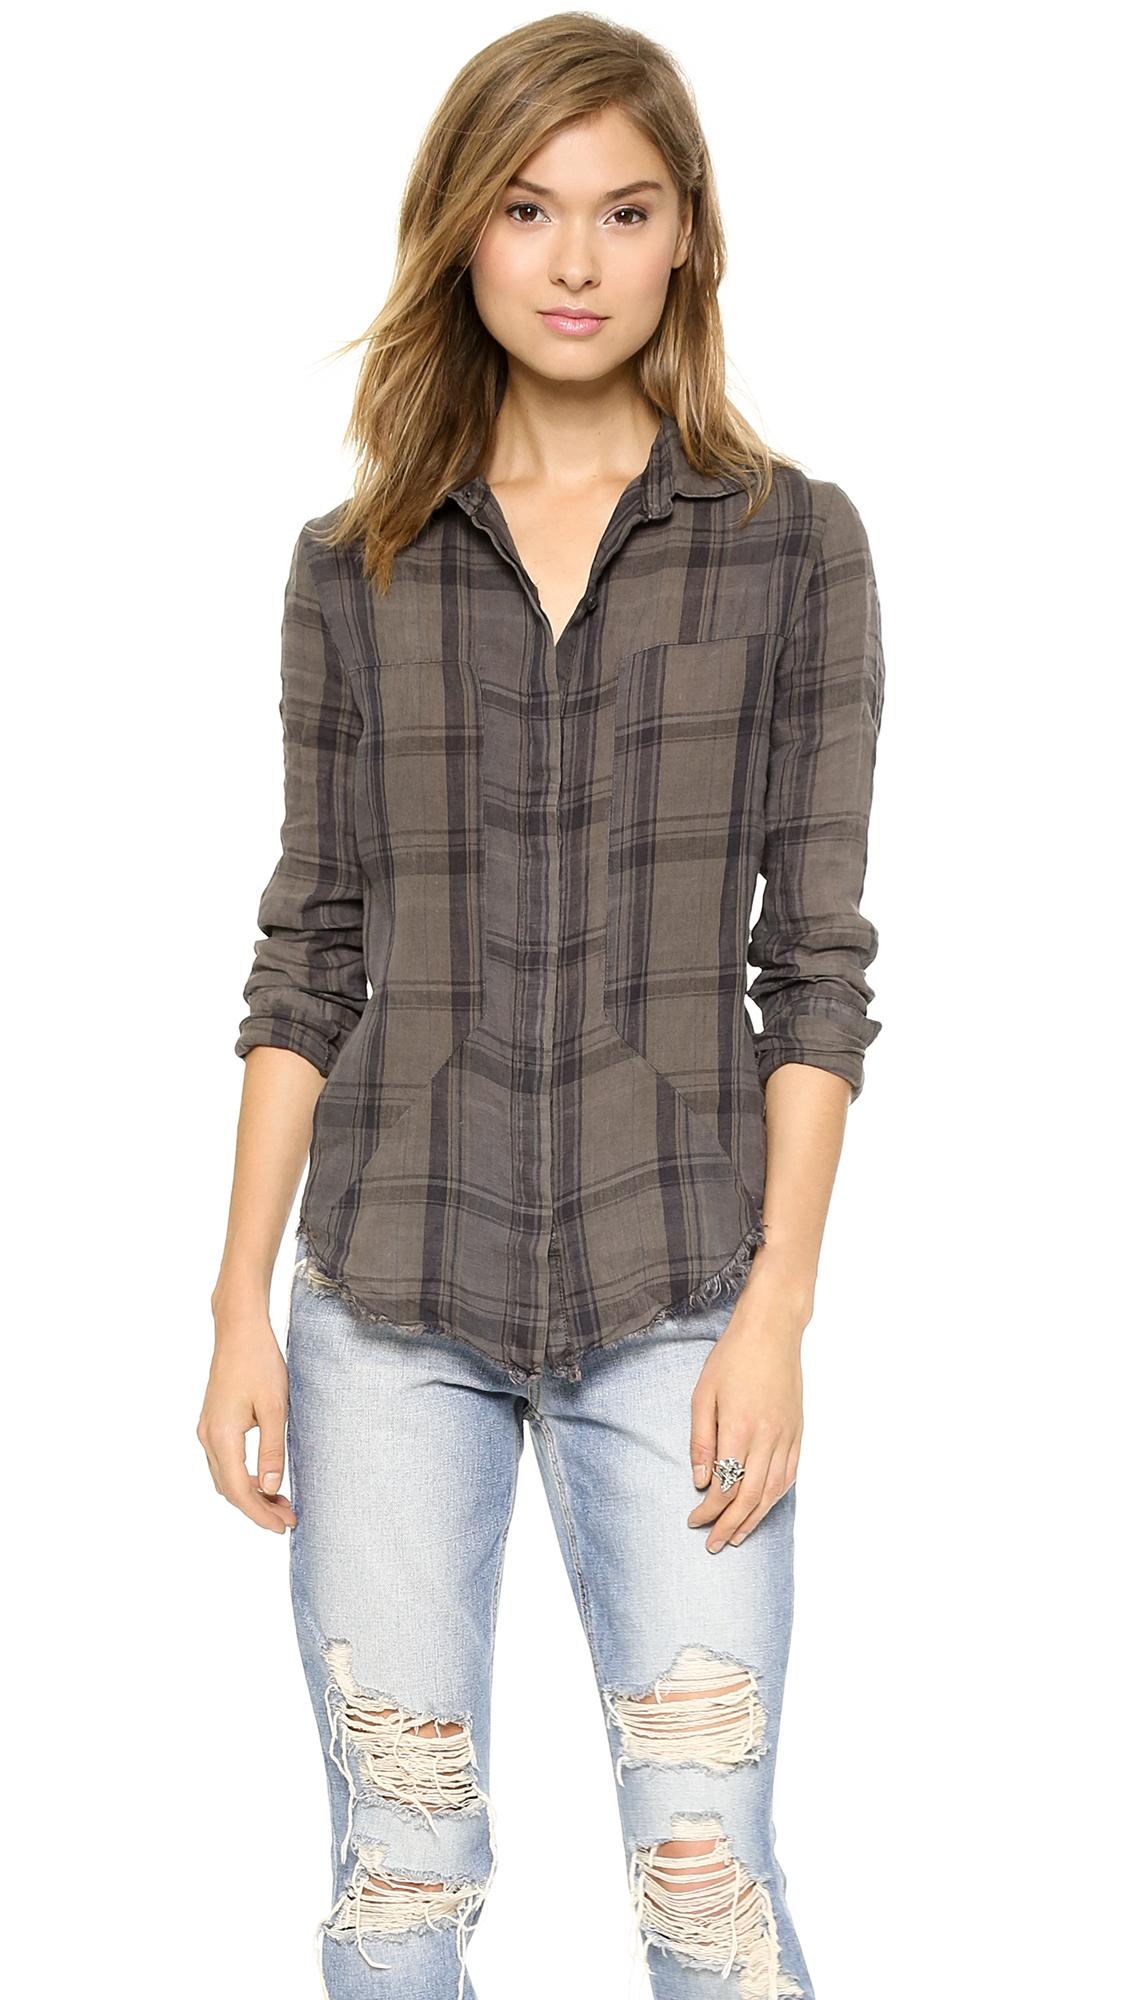 Rta industrial shirt grey plaid in gray grey plaid lyst for Grey plaid shirt womens